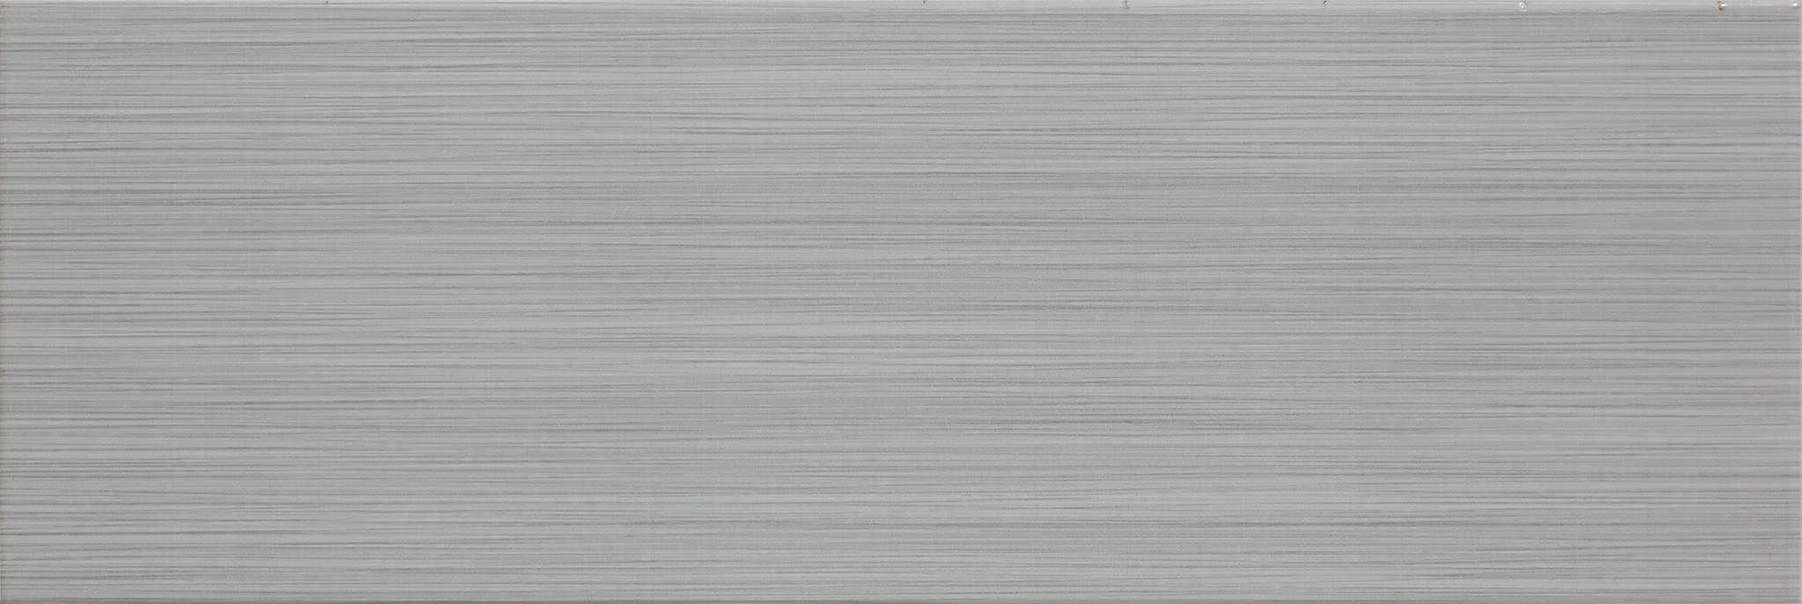 Faianță pentru baie Saloni Prisma Gris 200x600 lucioasă gri / 9